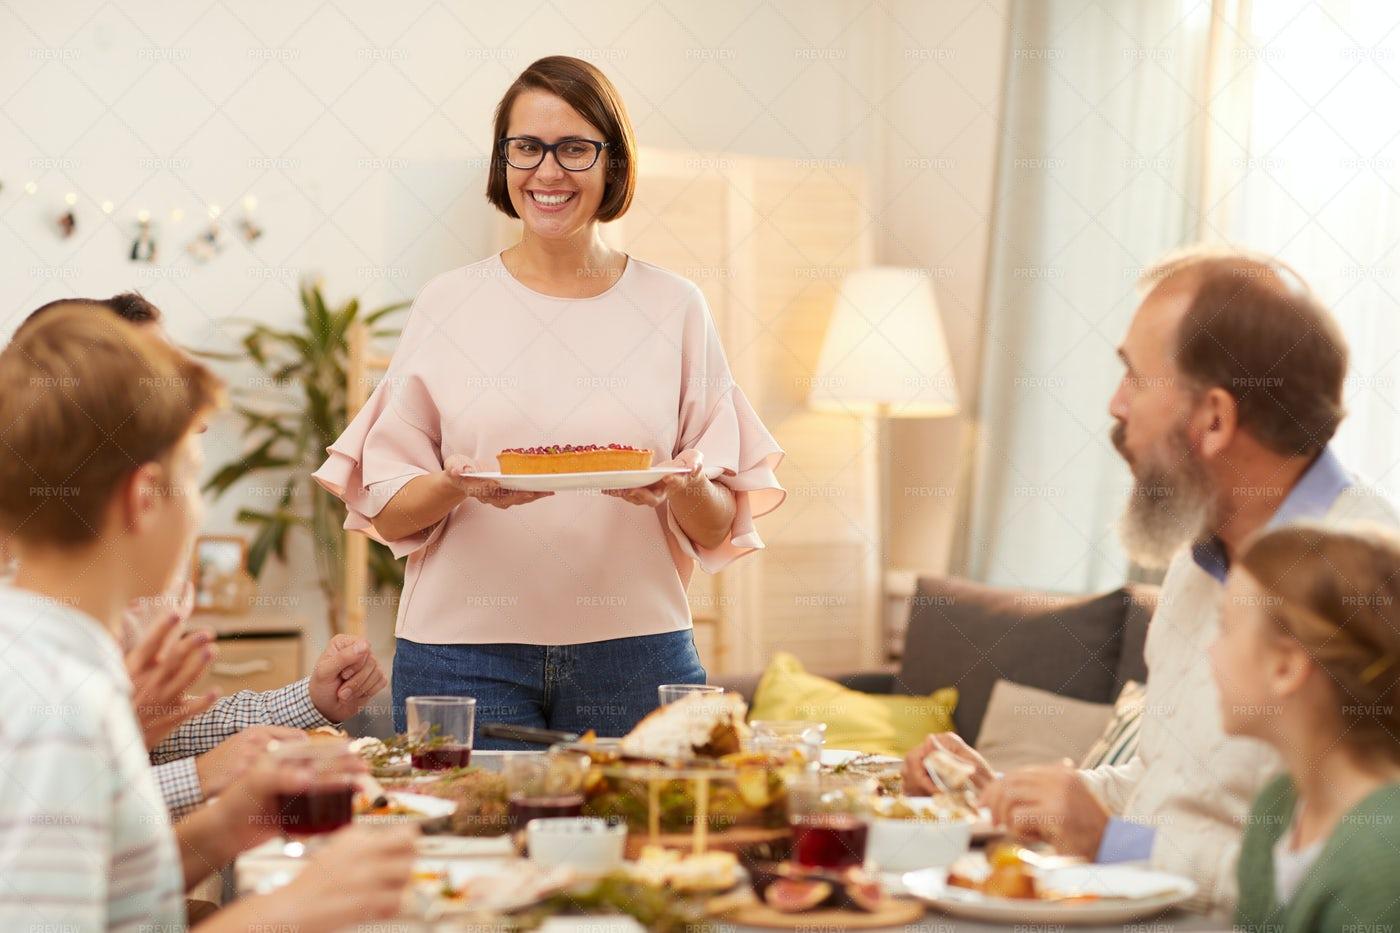 Woman Serving Dessert: Stock Photos